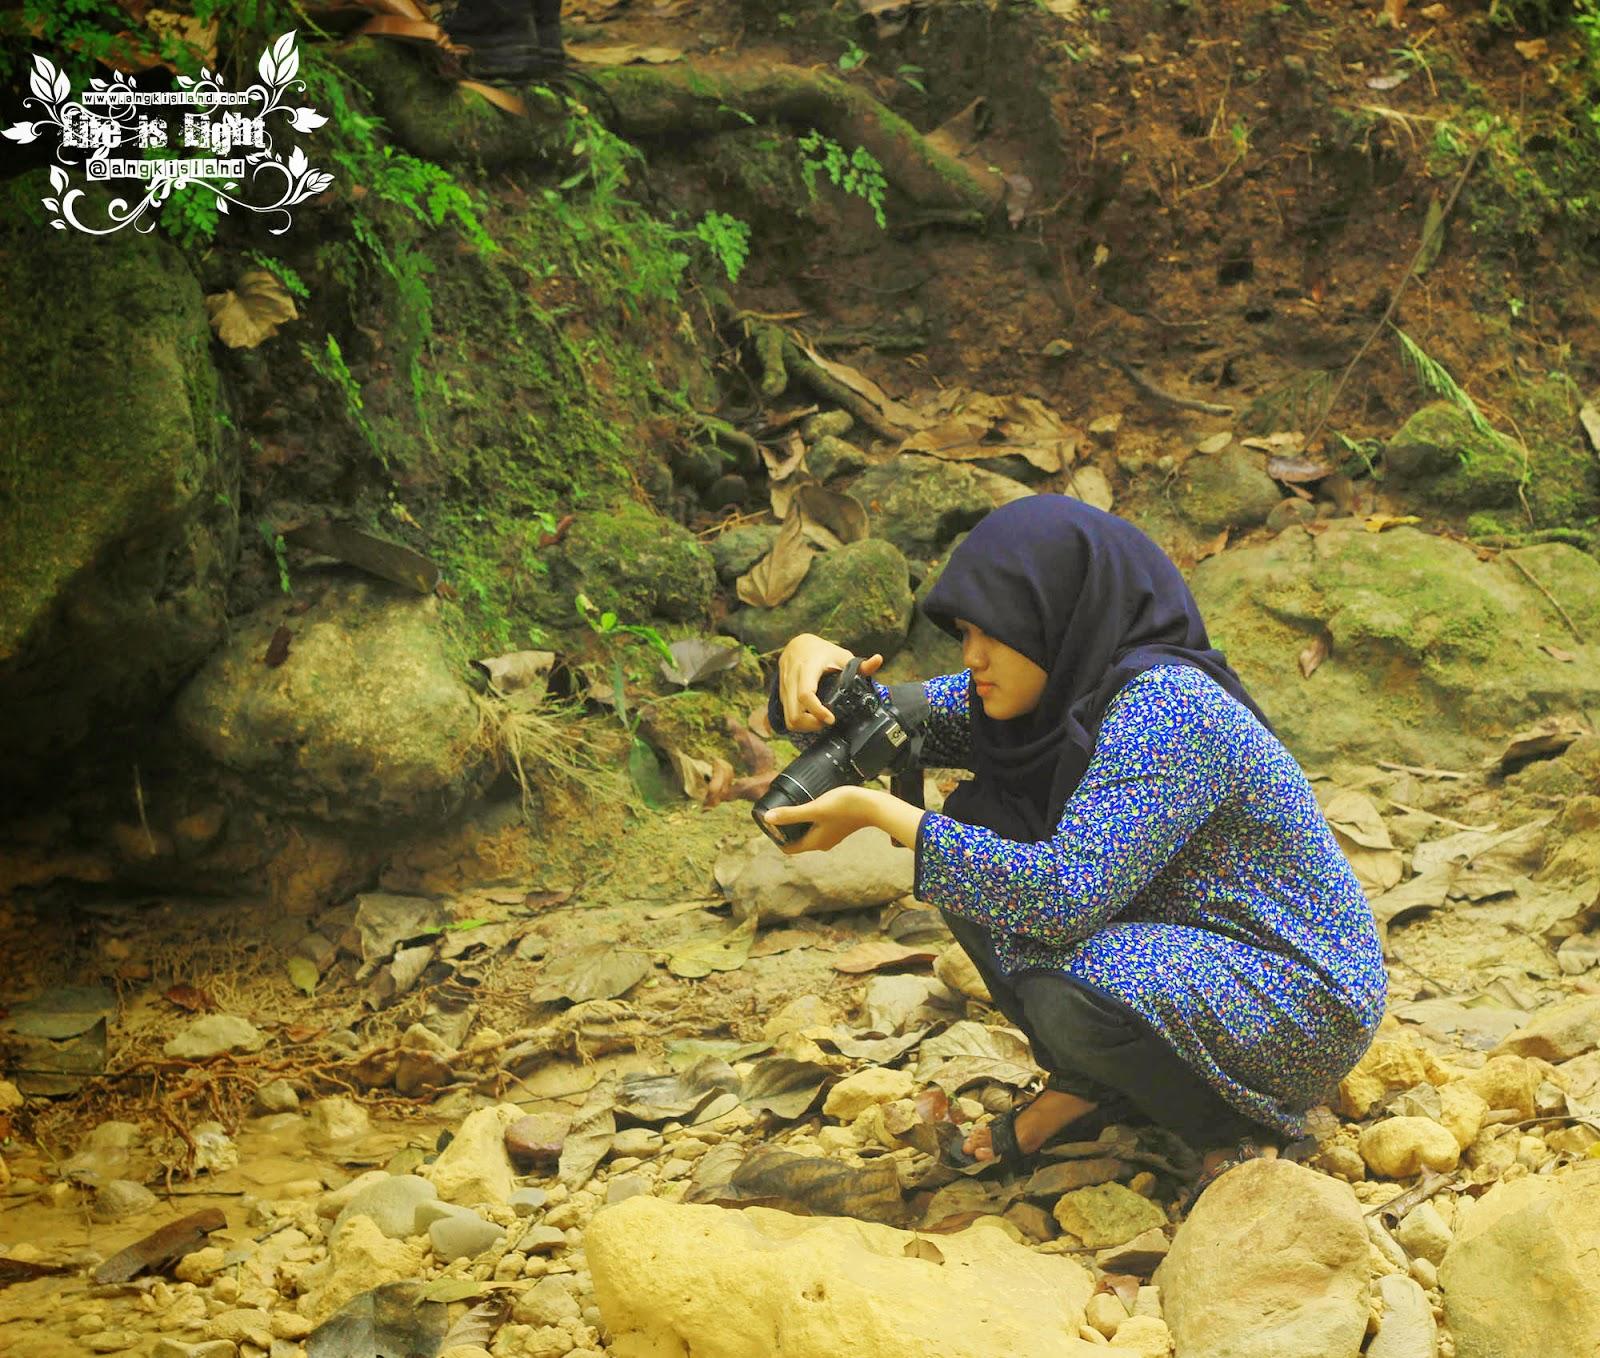 fotografer kulonprogo